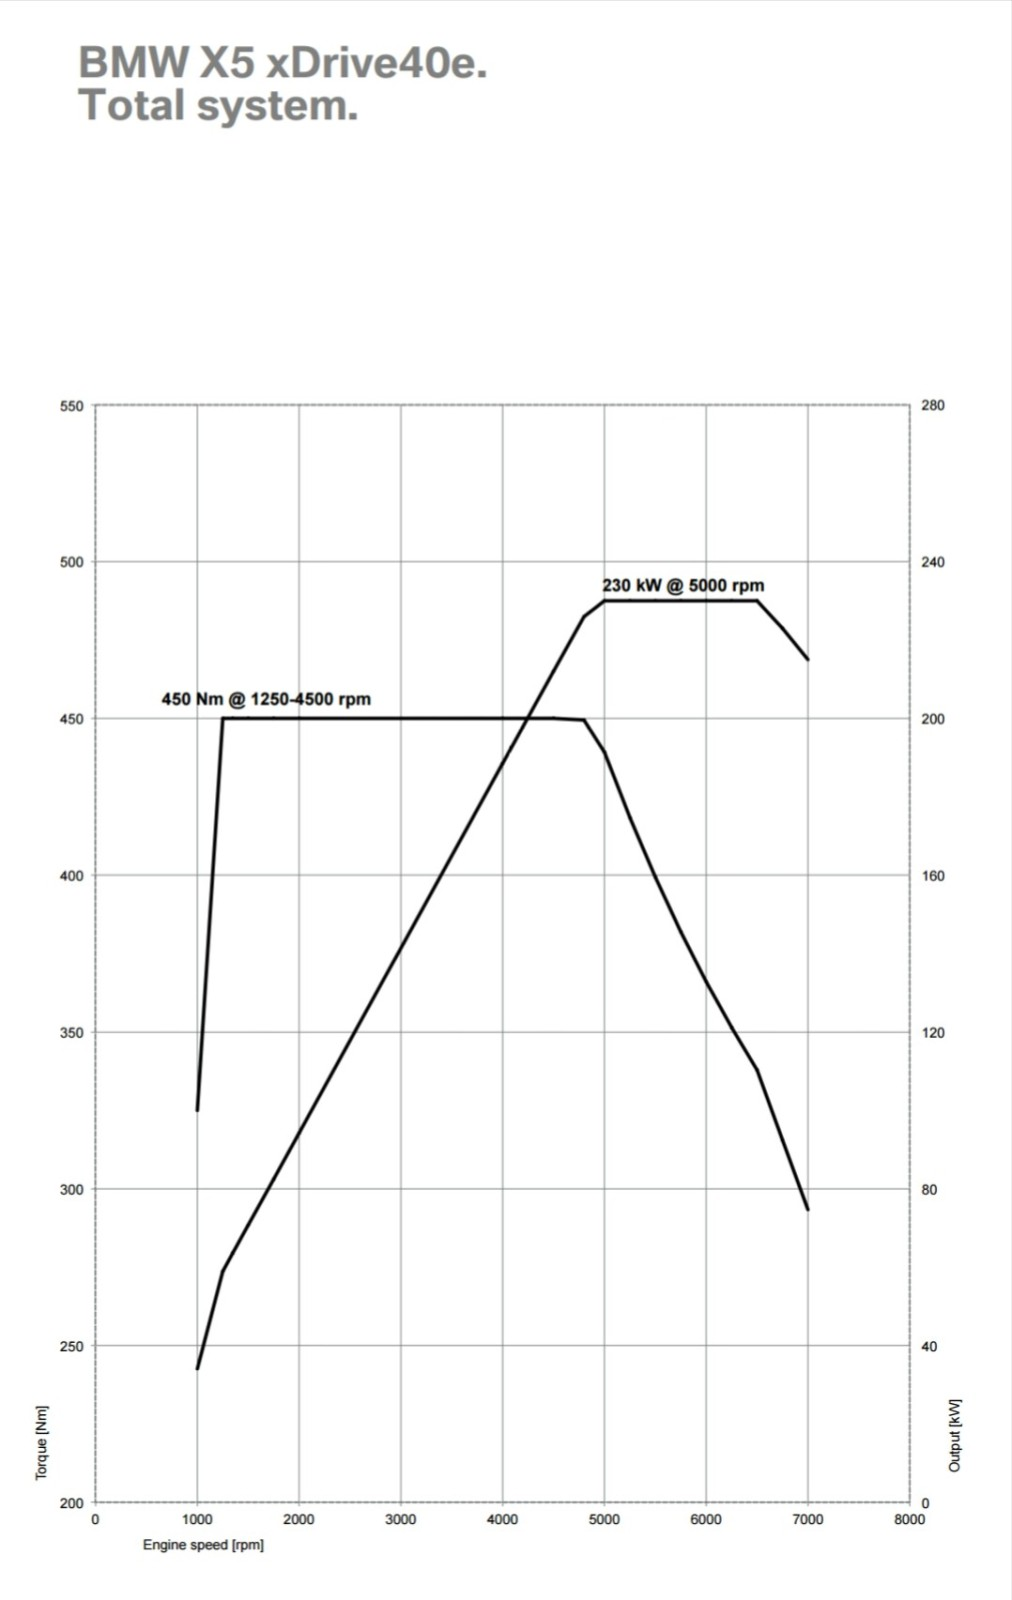 (กราฟพลังแรงม้า แรงบิดของทั้งระบบรถจะเห็นได้ว่า แทบทุกช่วงของรอบเครื่องรถ มีพลังตลอด ไม่แปลกใจที่รถจะขับได้คล่องตัวมากๆ)